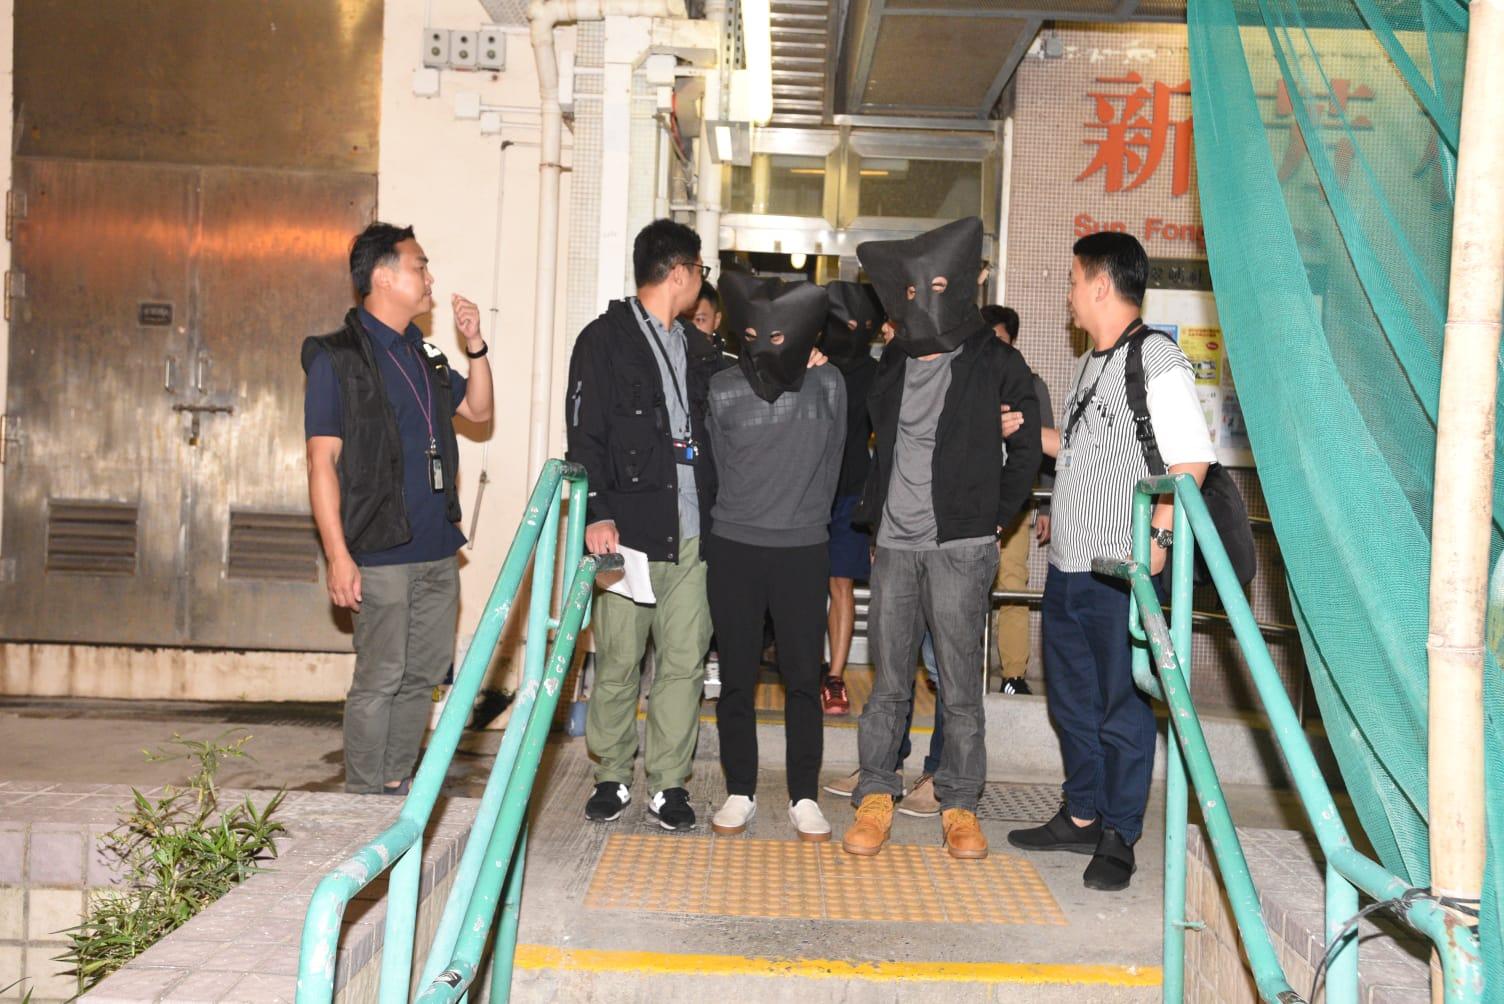 四名男子涉多次在超市偷酒,被警方拘捕。